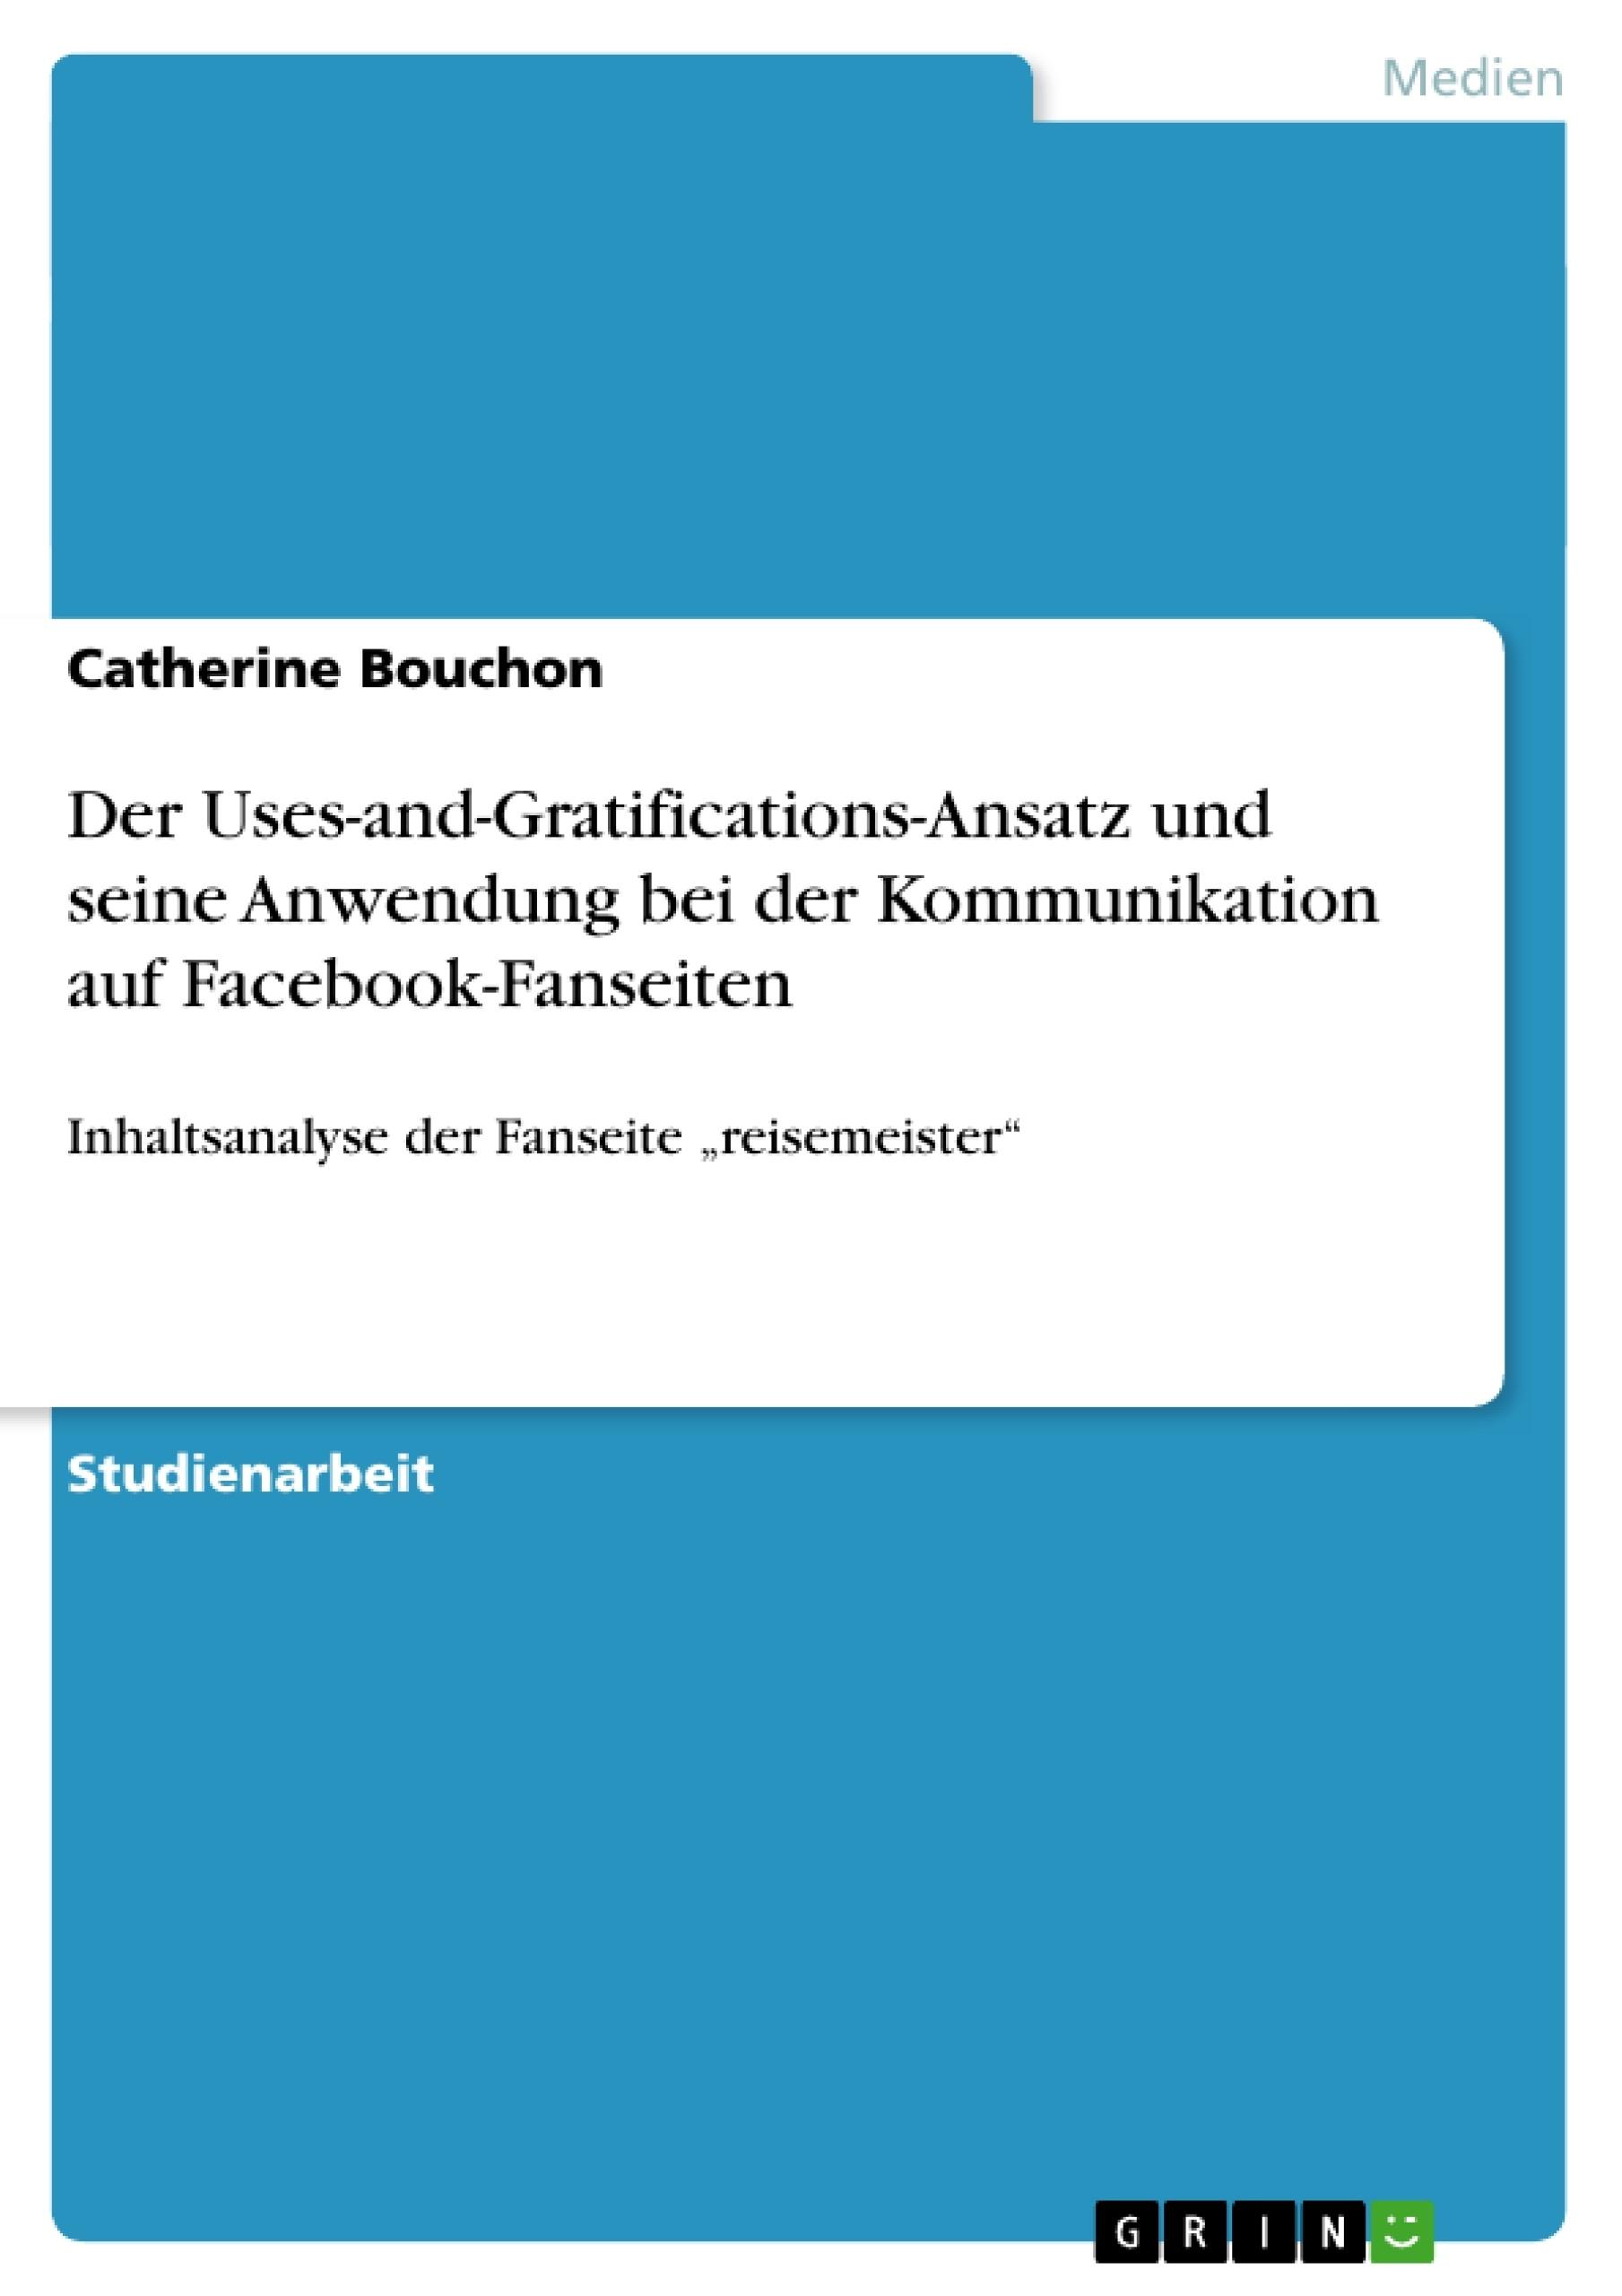 Titel: Der Uses-and-Gratifications-Ansatz und seine Anwendung bei der Kommunikation auf Facebook-Fanseiten